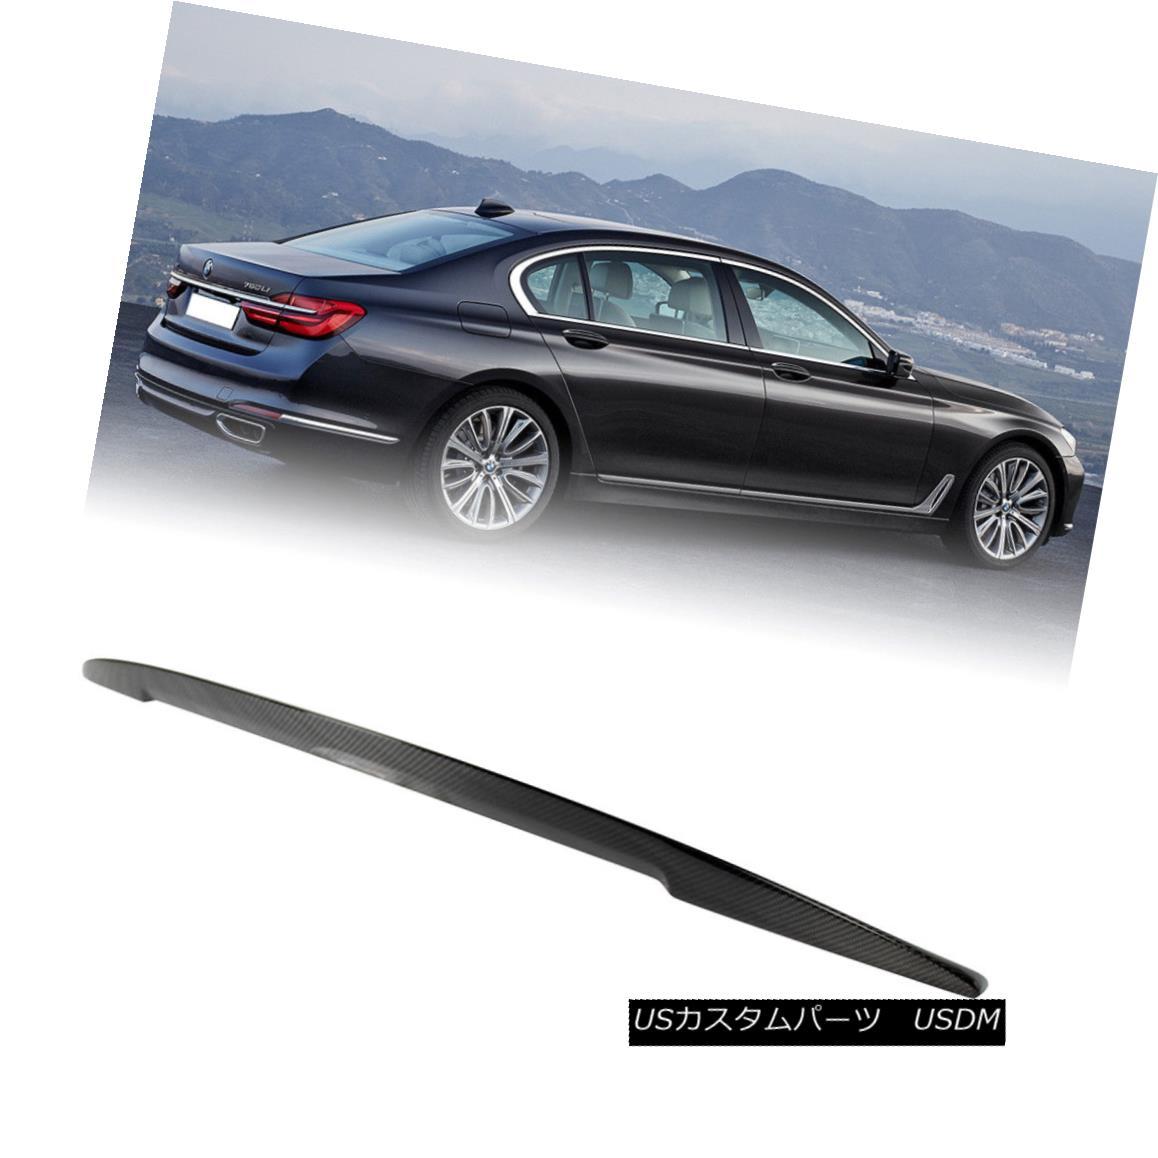 エアロパーツ For BMW 7 Series G11 Sedan Real Carbon Fiber P Rear Trunk Spoiler Wing 740i 2017 BMW 7シリーズG11セダンリアルカーボンファイバーPリアトランク・スポイラーウィング740i 2017